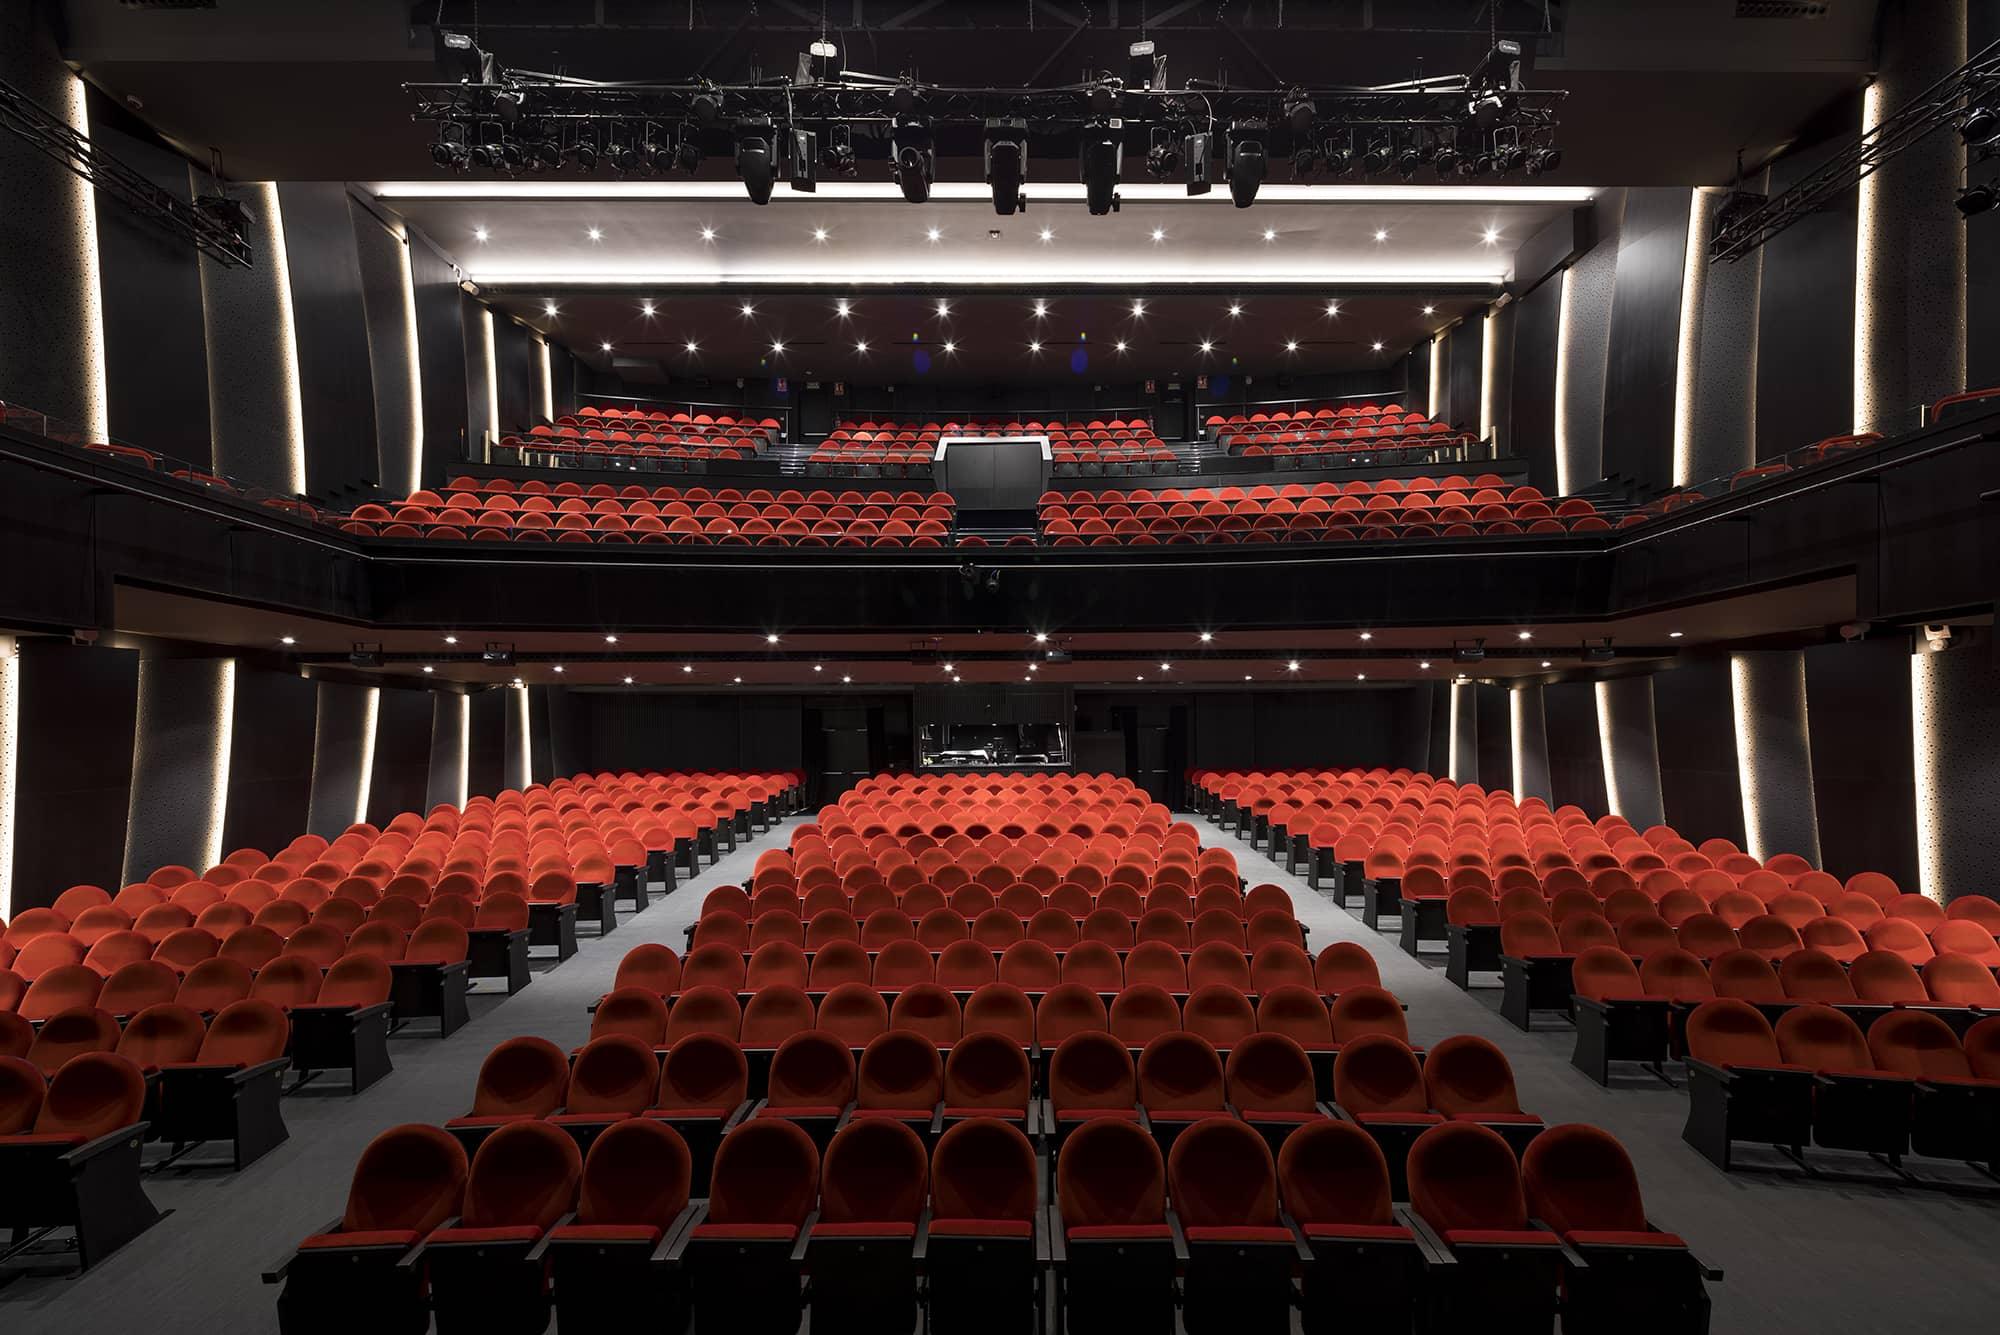 Teatro-Soho-Caixabank